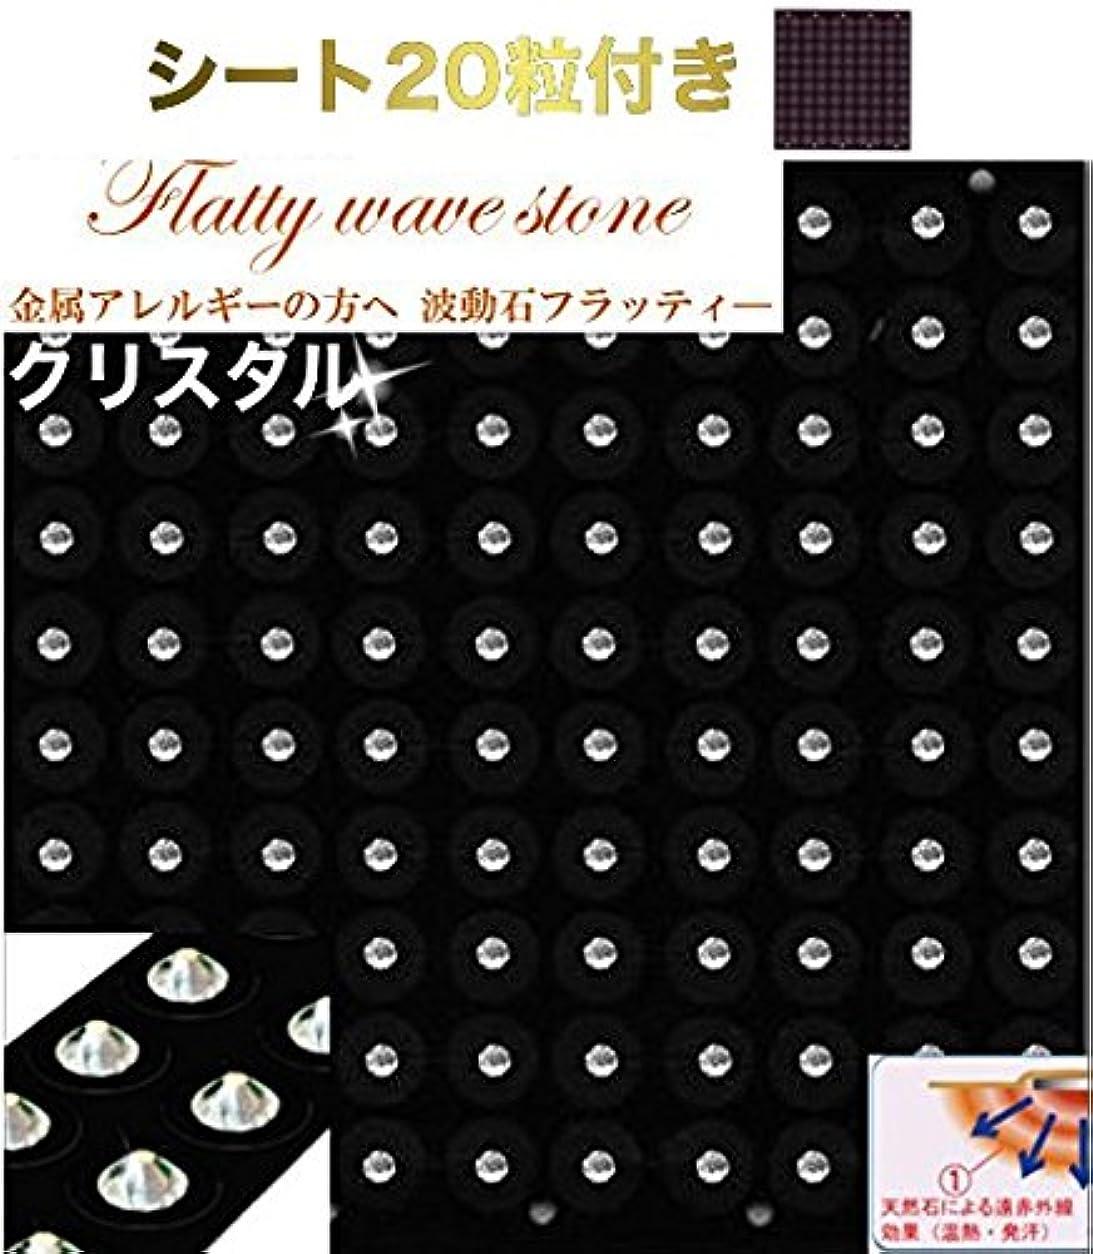 エンティティペインギリックチャンス耳つぼジュエリー 波動石 クリスタルSS9?10粒+SS12?10粒+シート20粒 全40粒